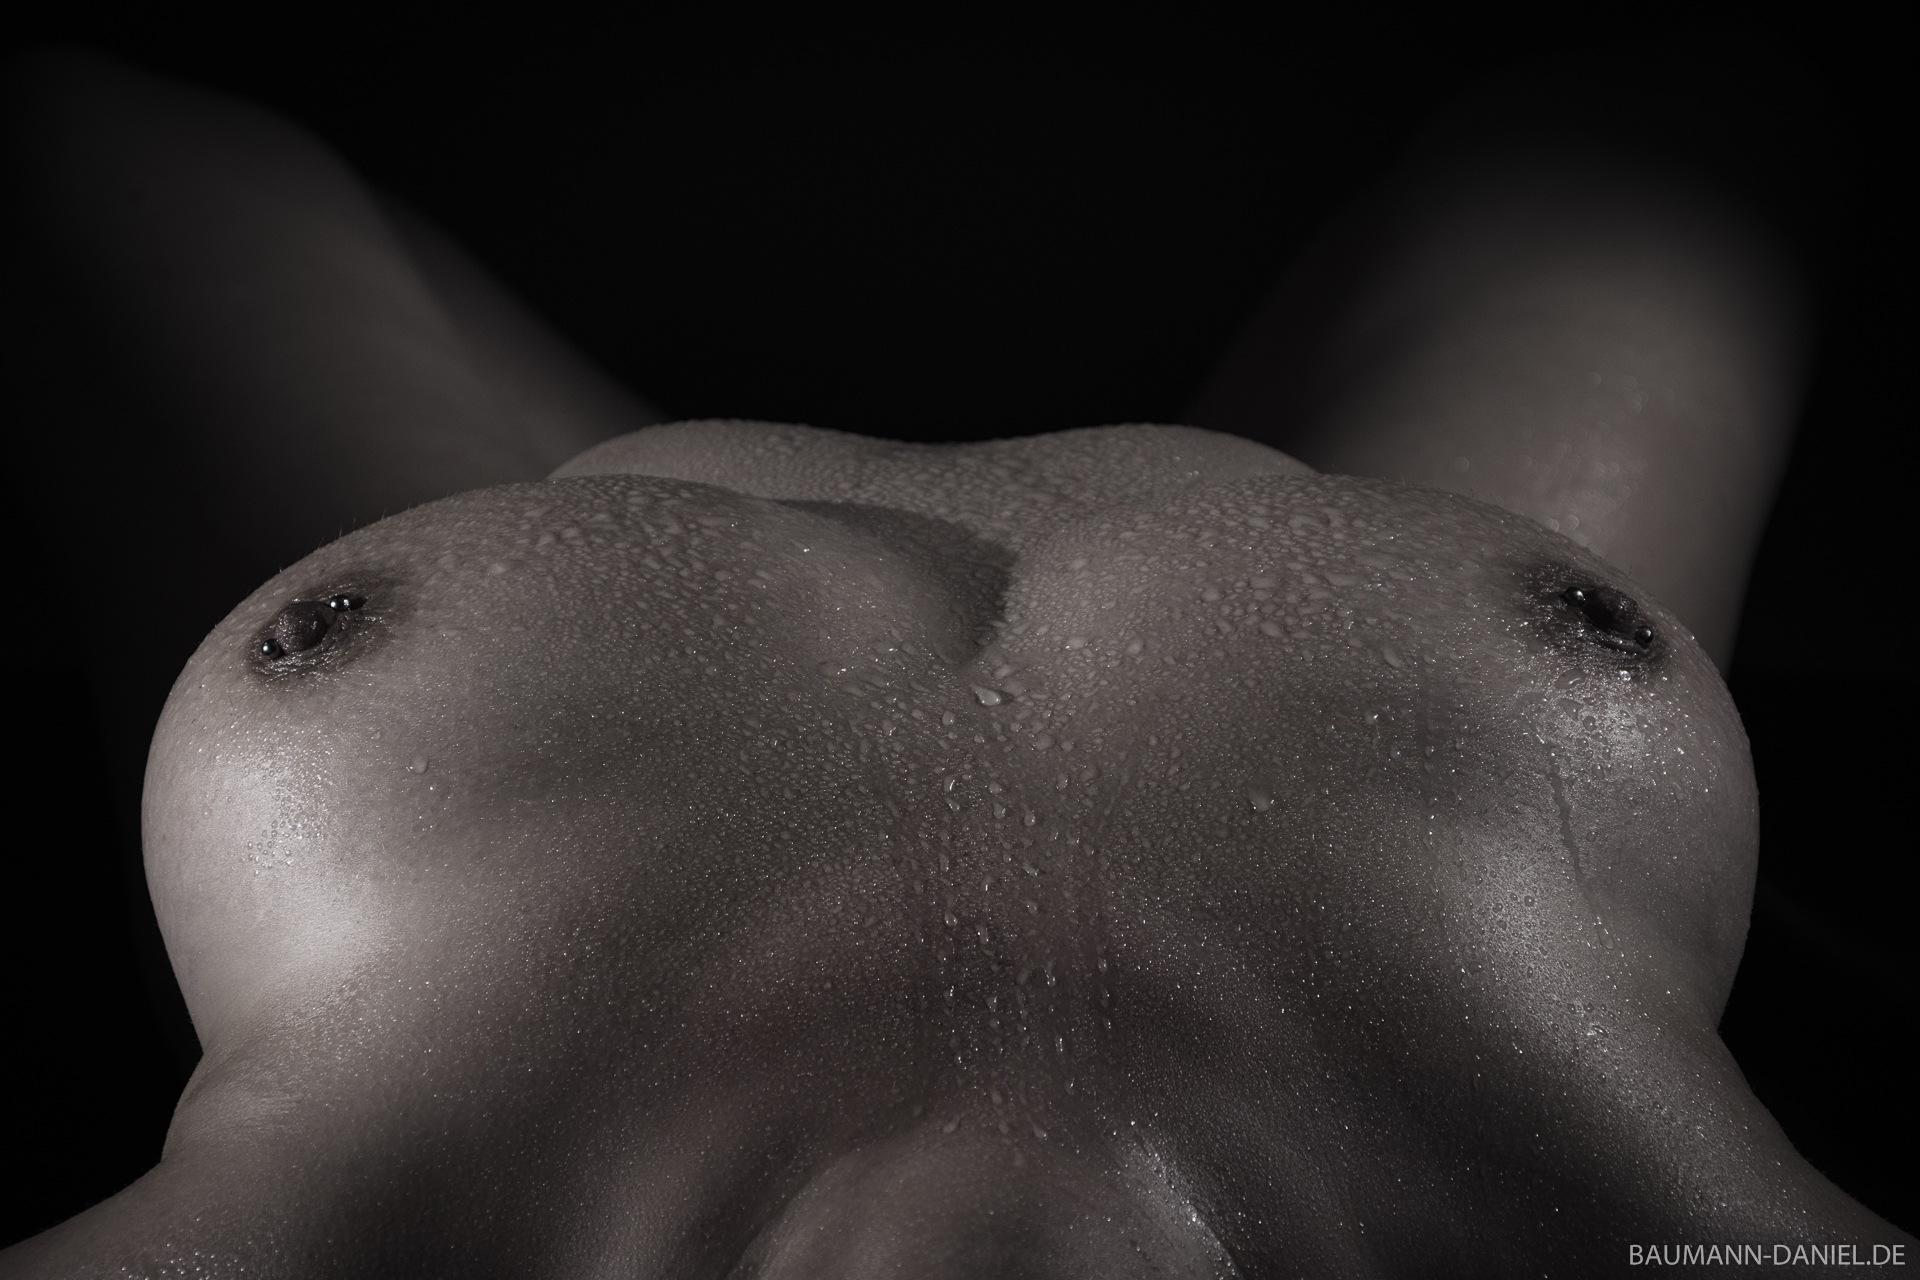 Wet Breast by D.BAUMANN